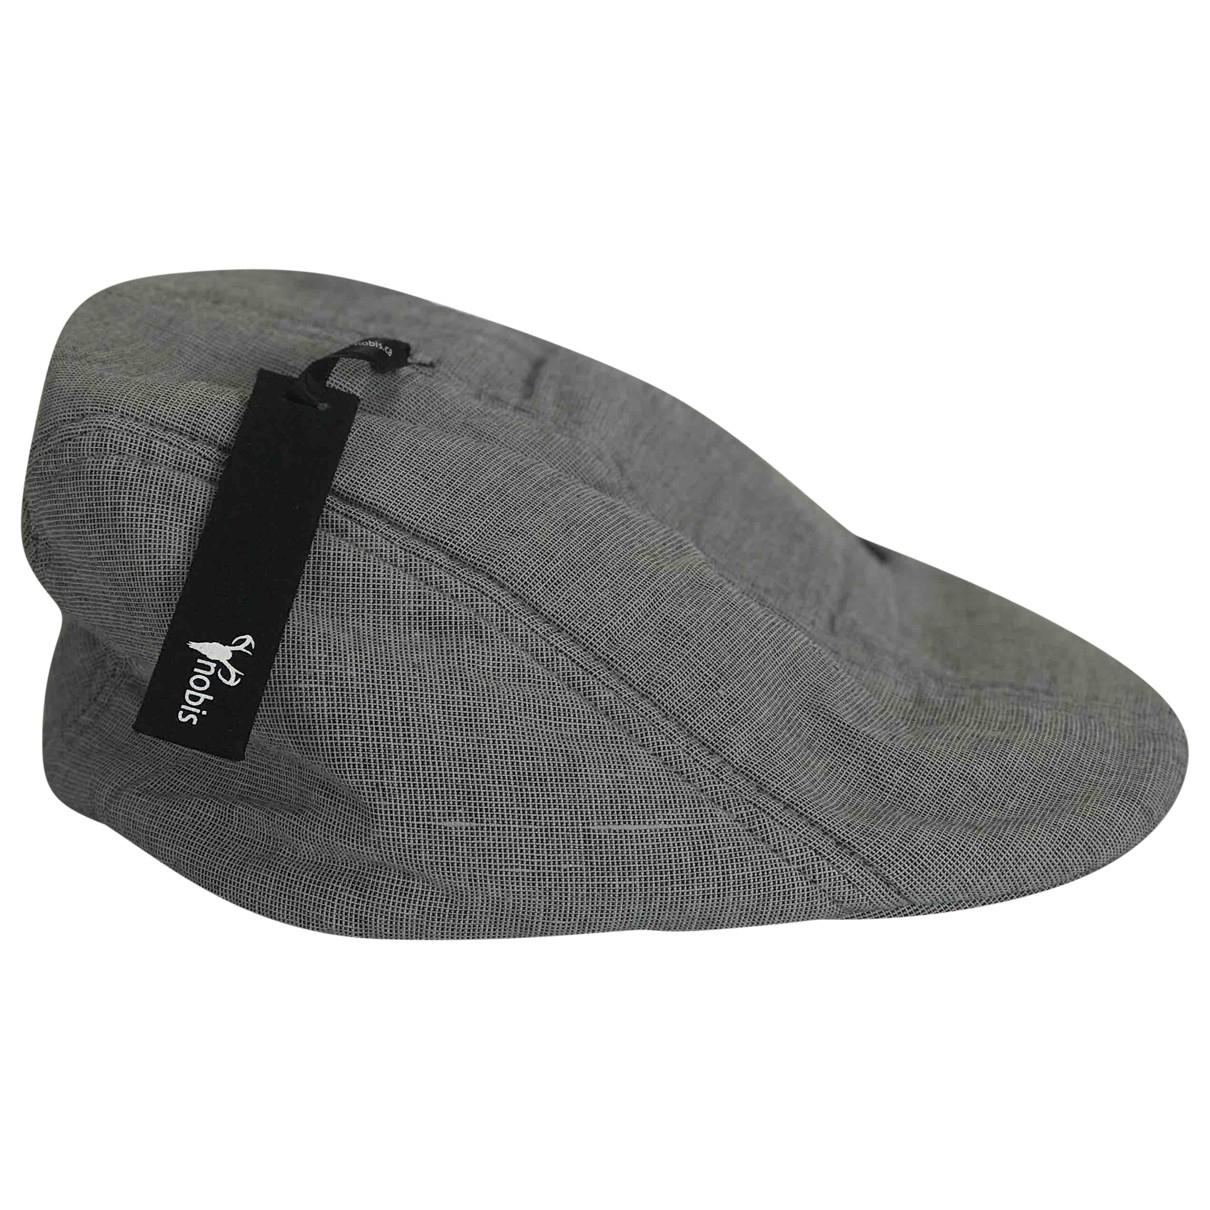 Nobis \N Grey Linen hat & pull on hat for Men M International